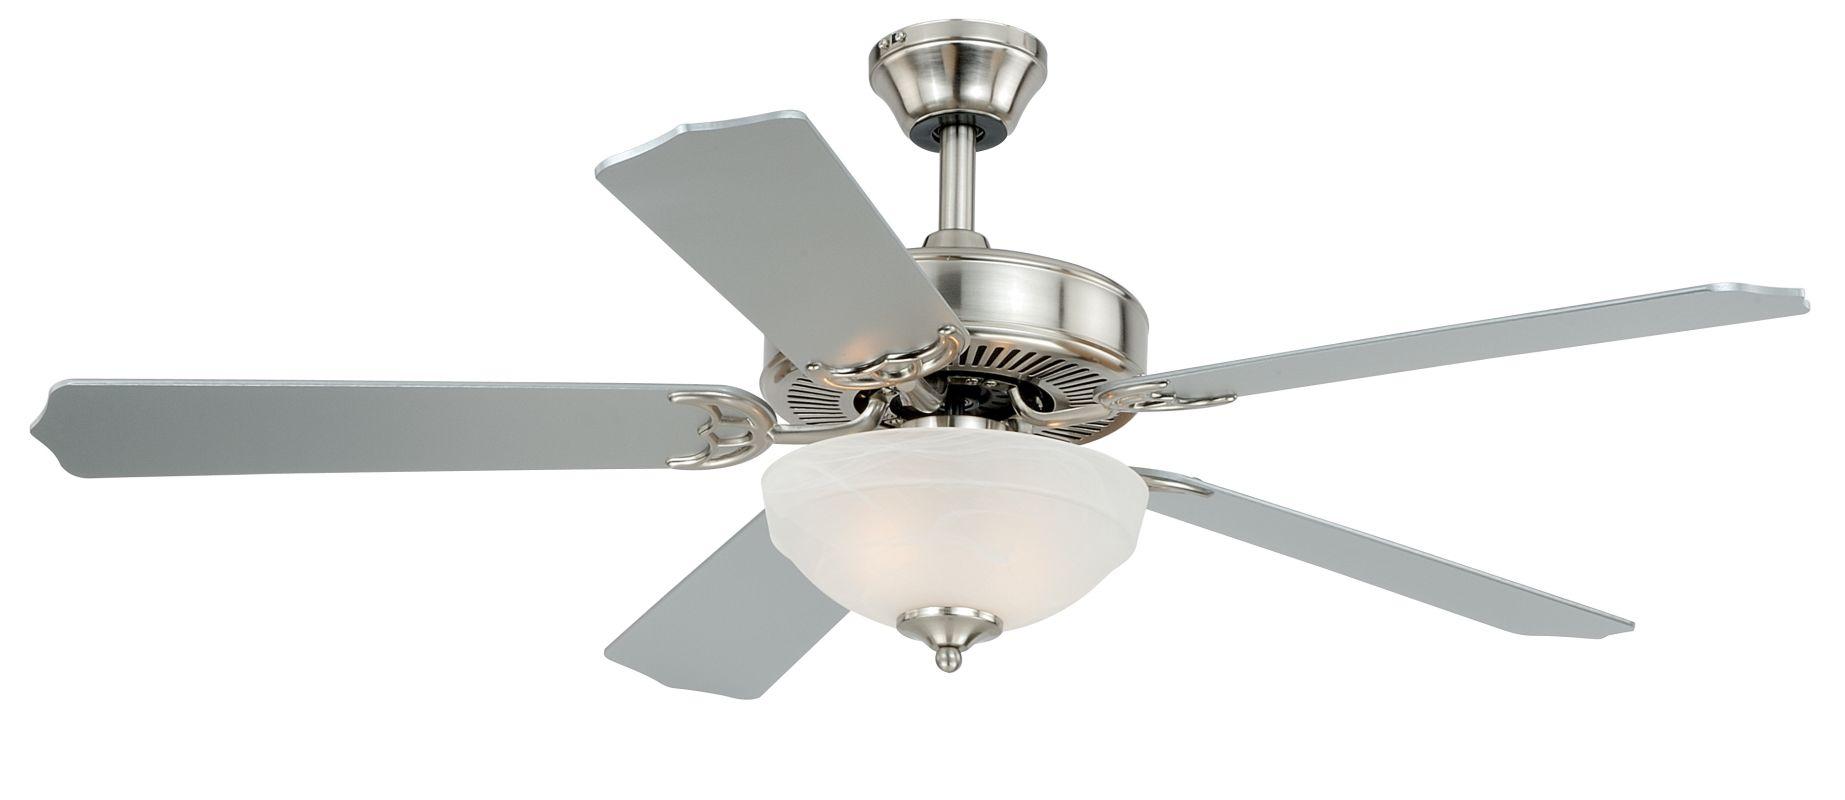 """Vaxcel Lighting F0027 Essentia 52"""" 5 Blade Indoor Ceiling Fan - Light"""